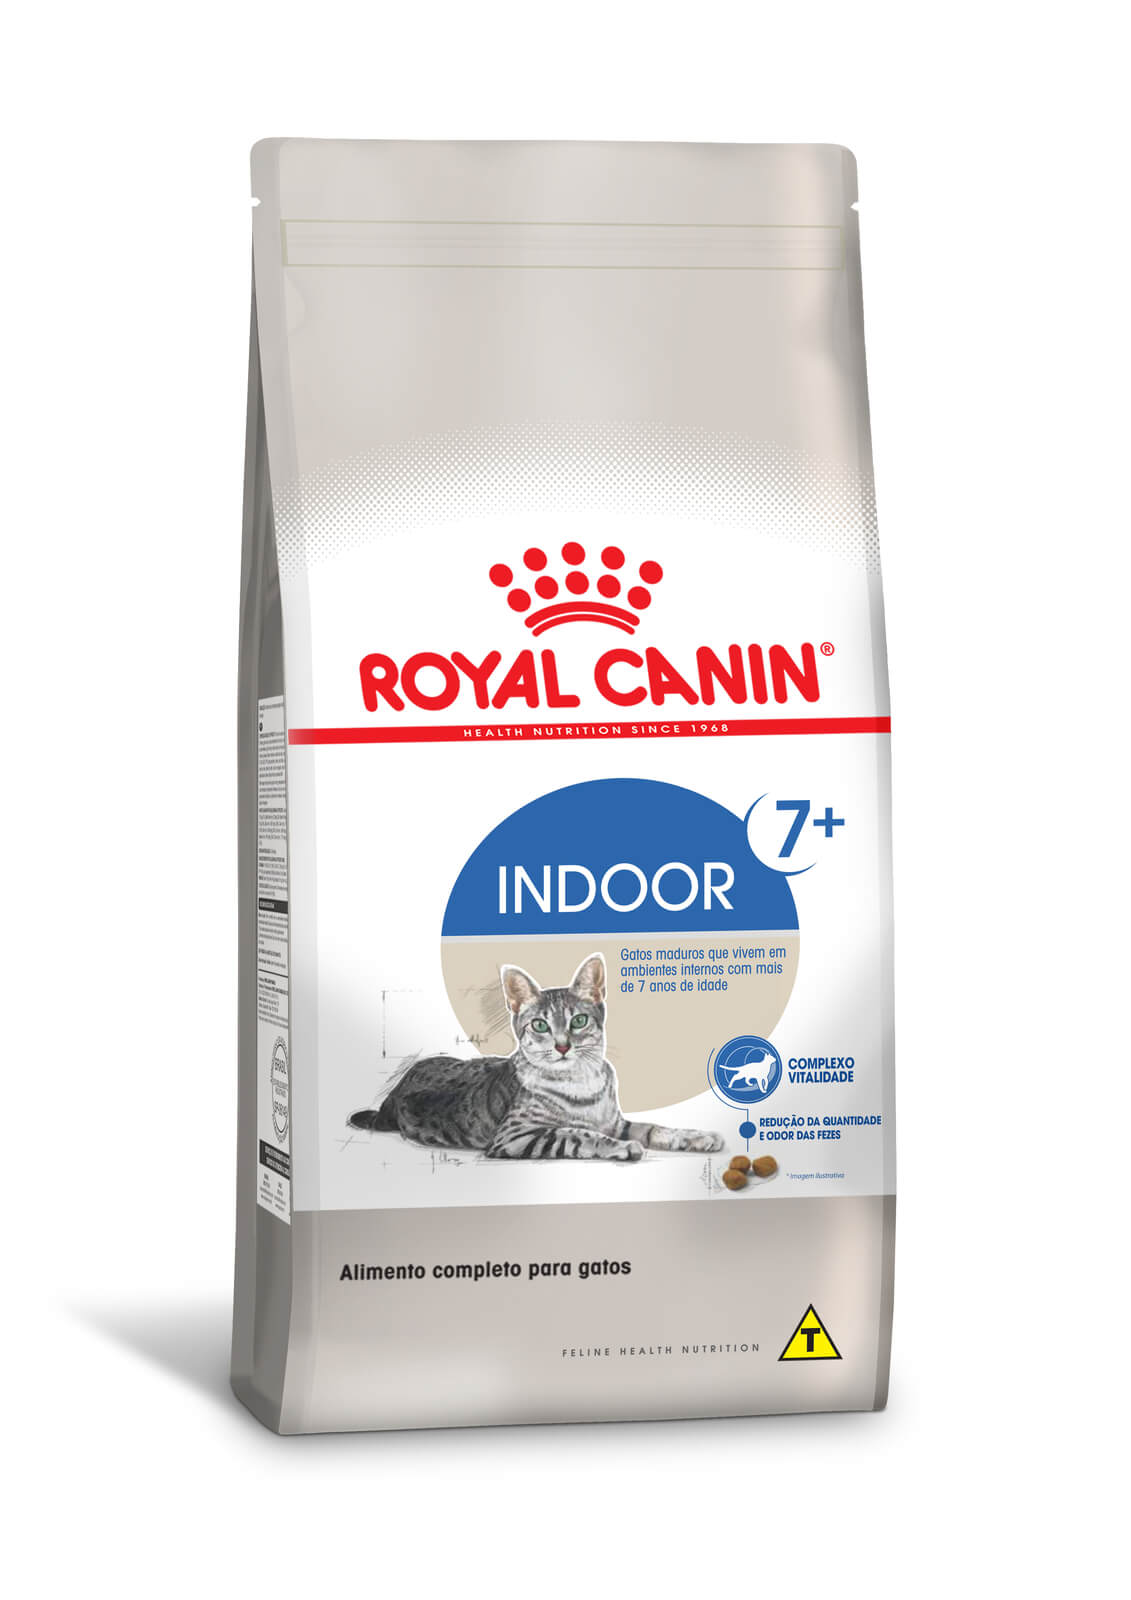 Ração Royal Canin Indoor 7+ - Gatos Sênior